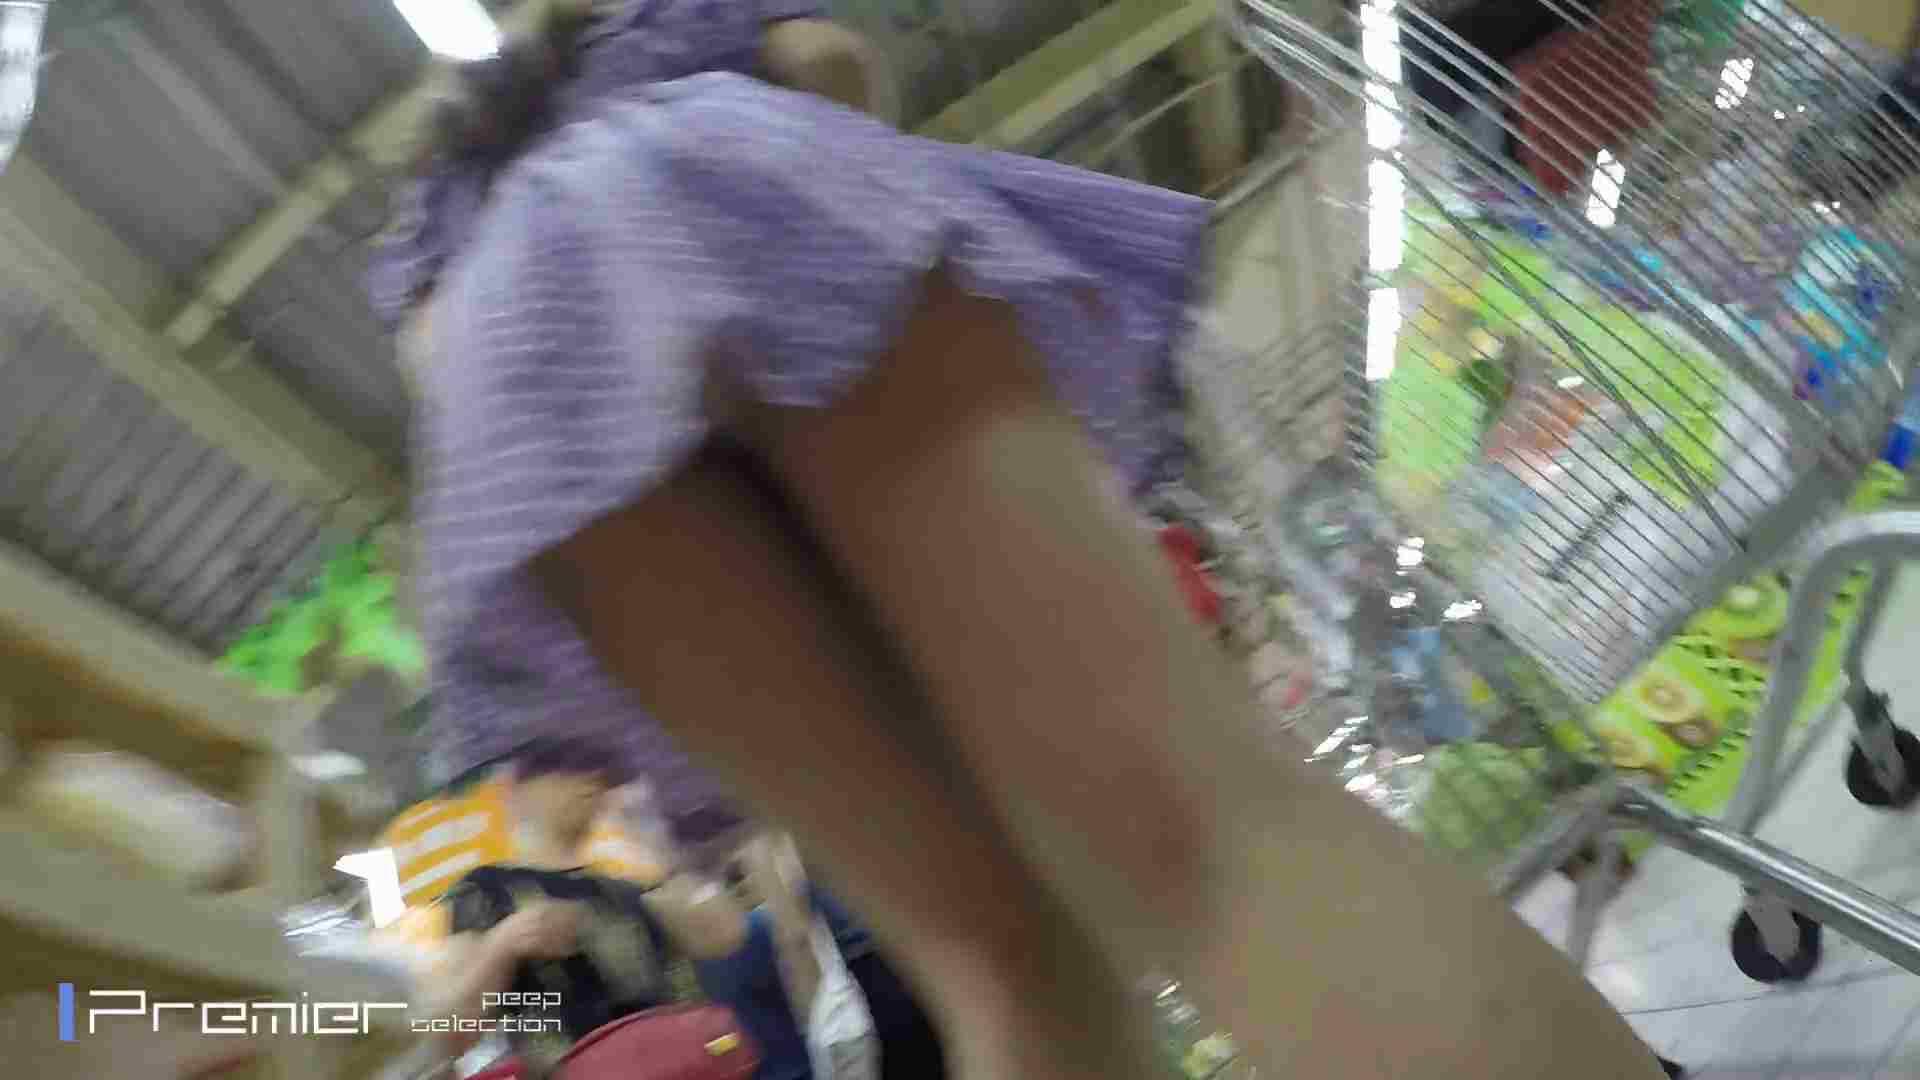 美女の下半身を粘着撮り!卑猥なパンチラ Vol.05 美肌 AV無料動画キャプチャ 83画像 74